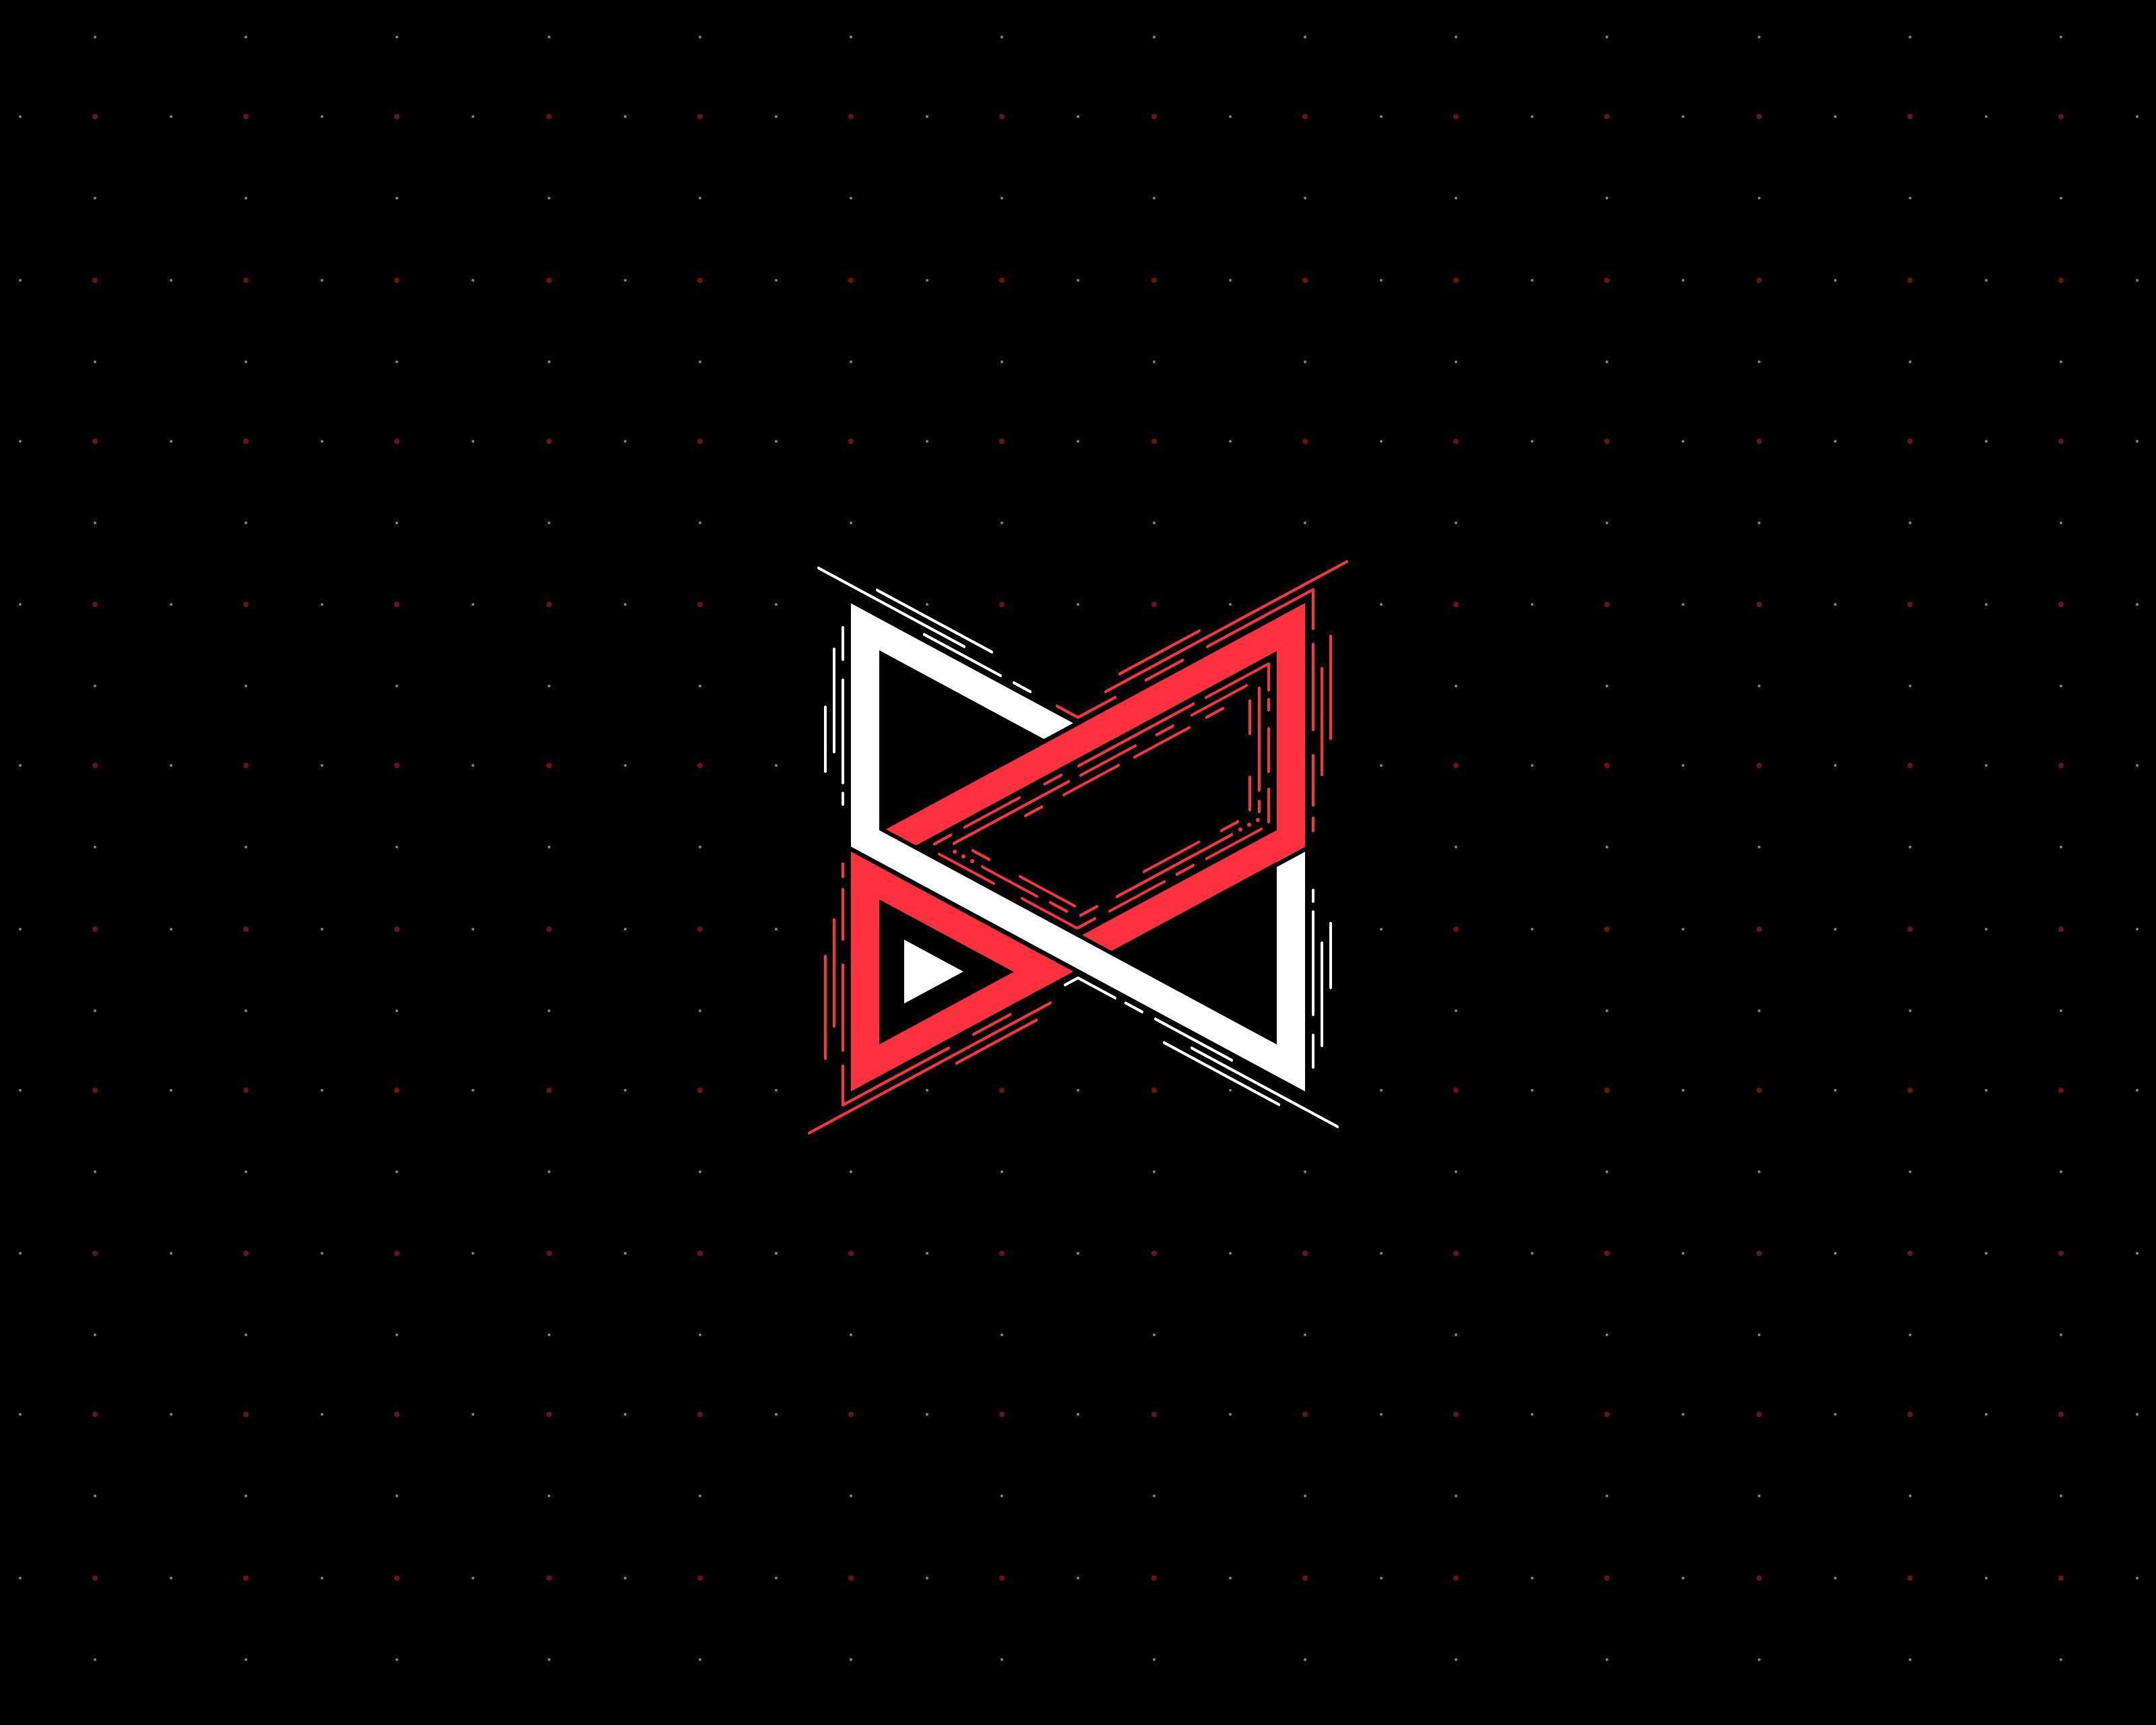 Logos 4k Wallpapers Wallpaper Cave